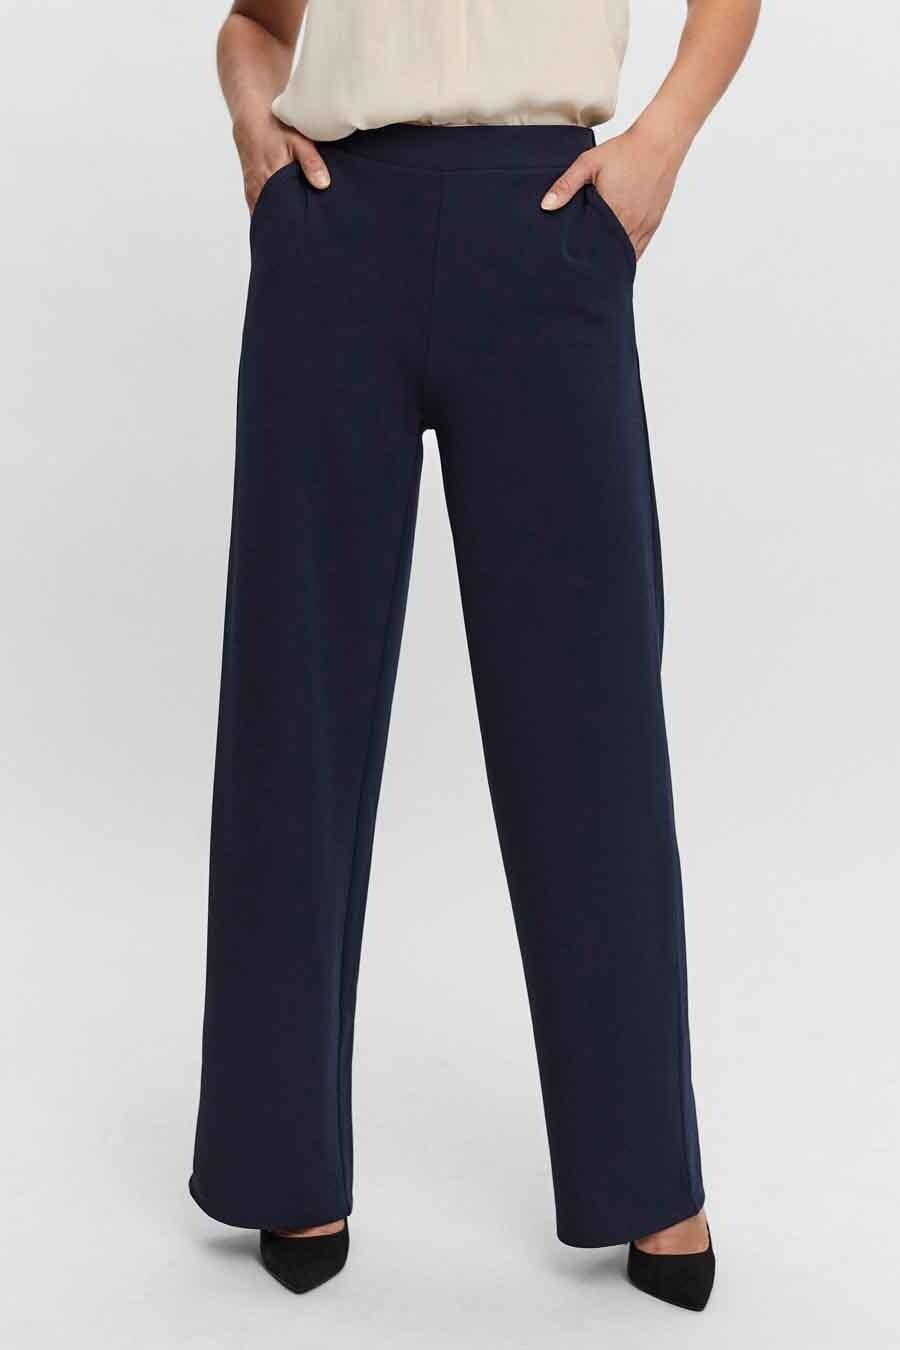 Vero Moda® Broek, Blauw, Dames, Maat: XL